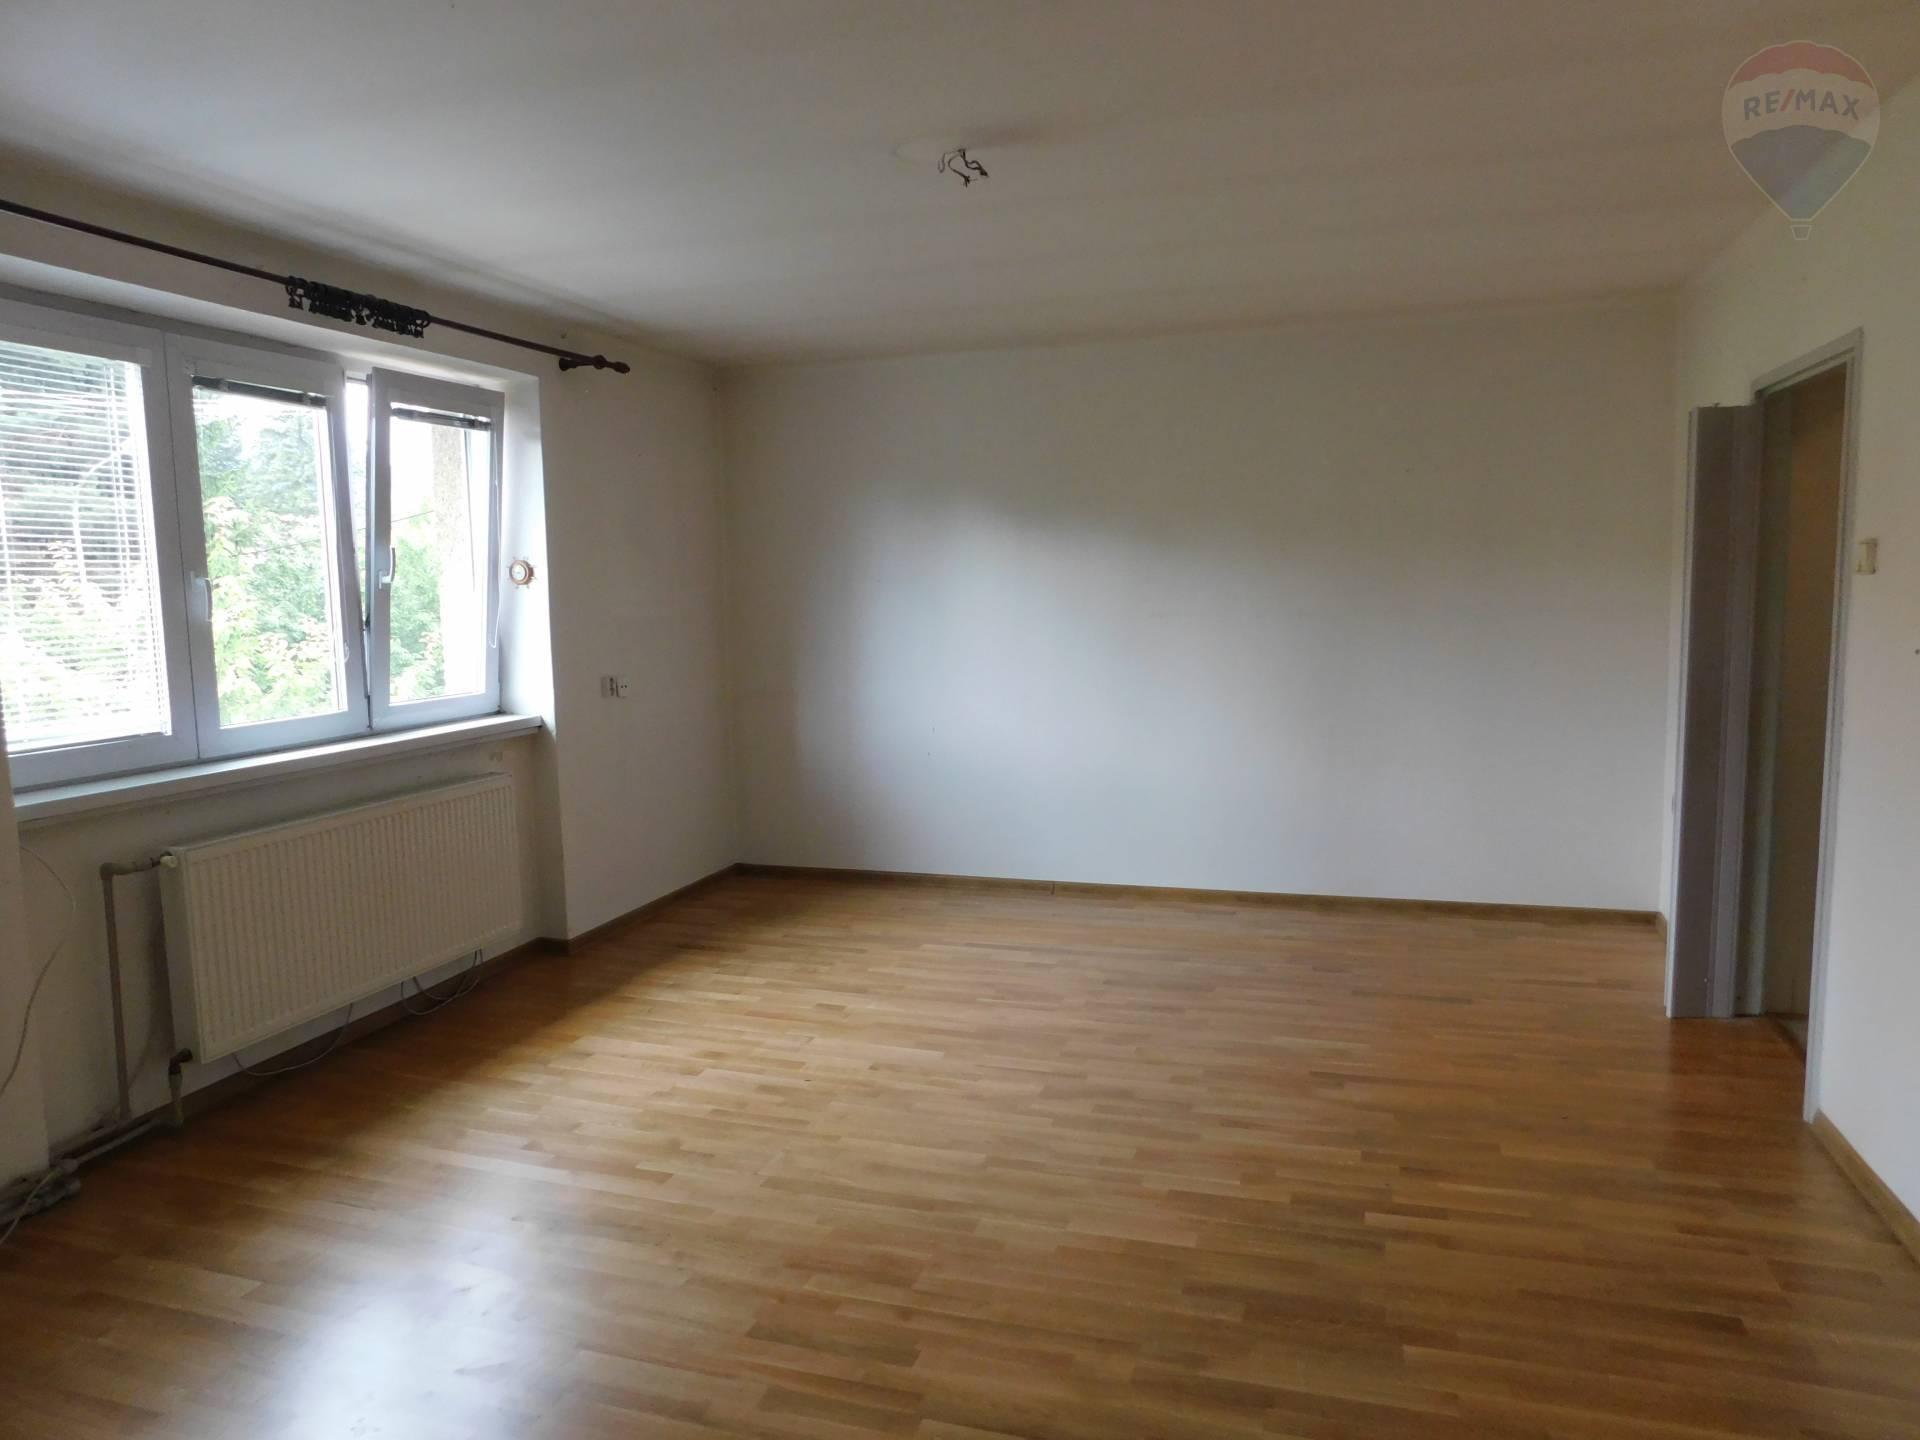 Predaj priestranného 3i bytu s garážou - Banská Bystrica